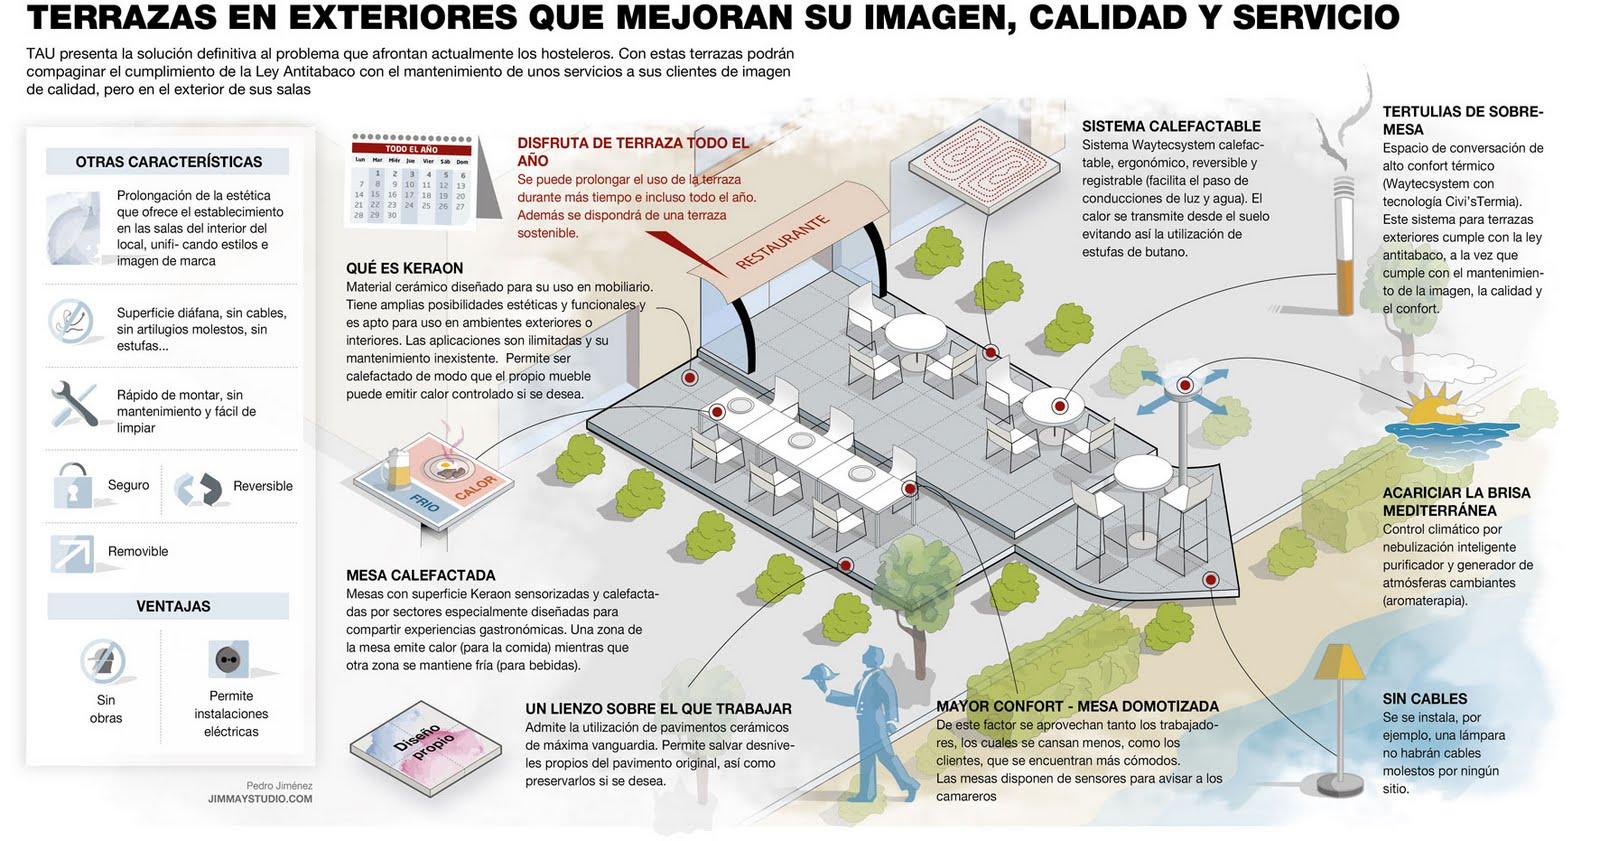 Infografia periodistica y dise o gr fico terrazas - Estufas exteriores para terrazas ...